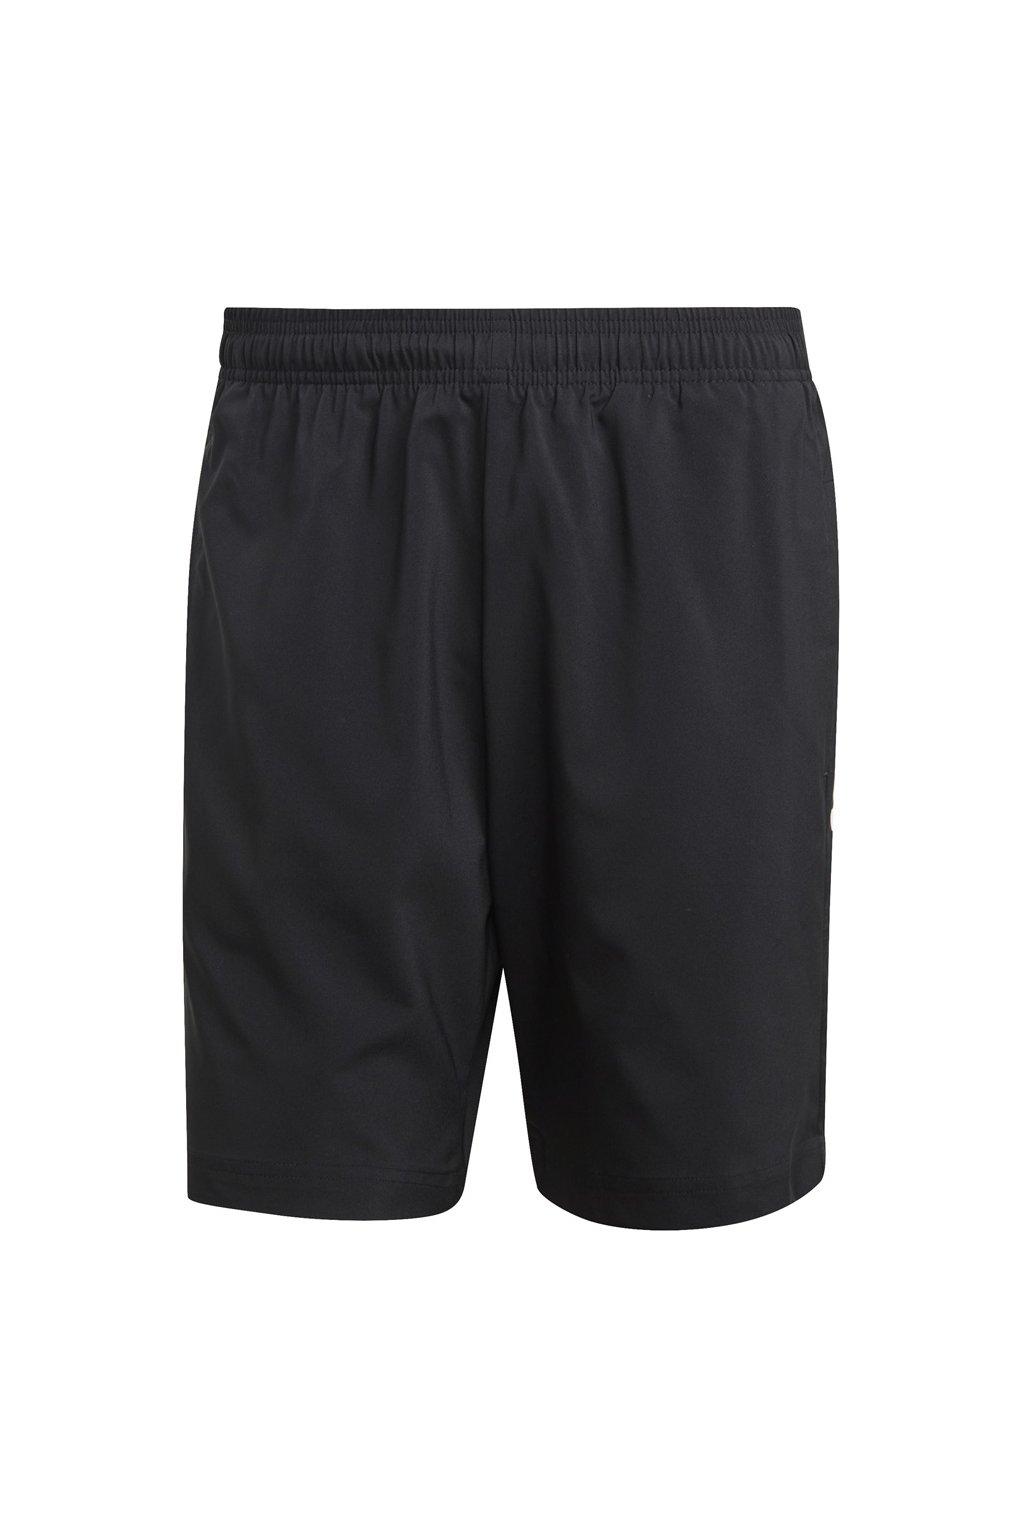 Pánske šortky Adidas Essentials Linear čierne DQ3074